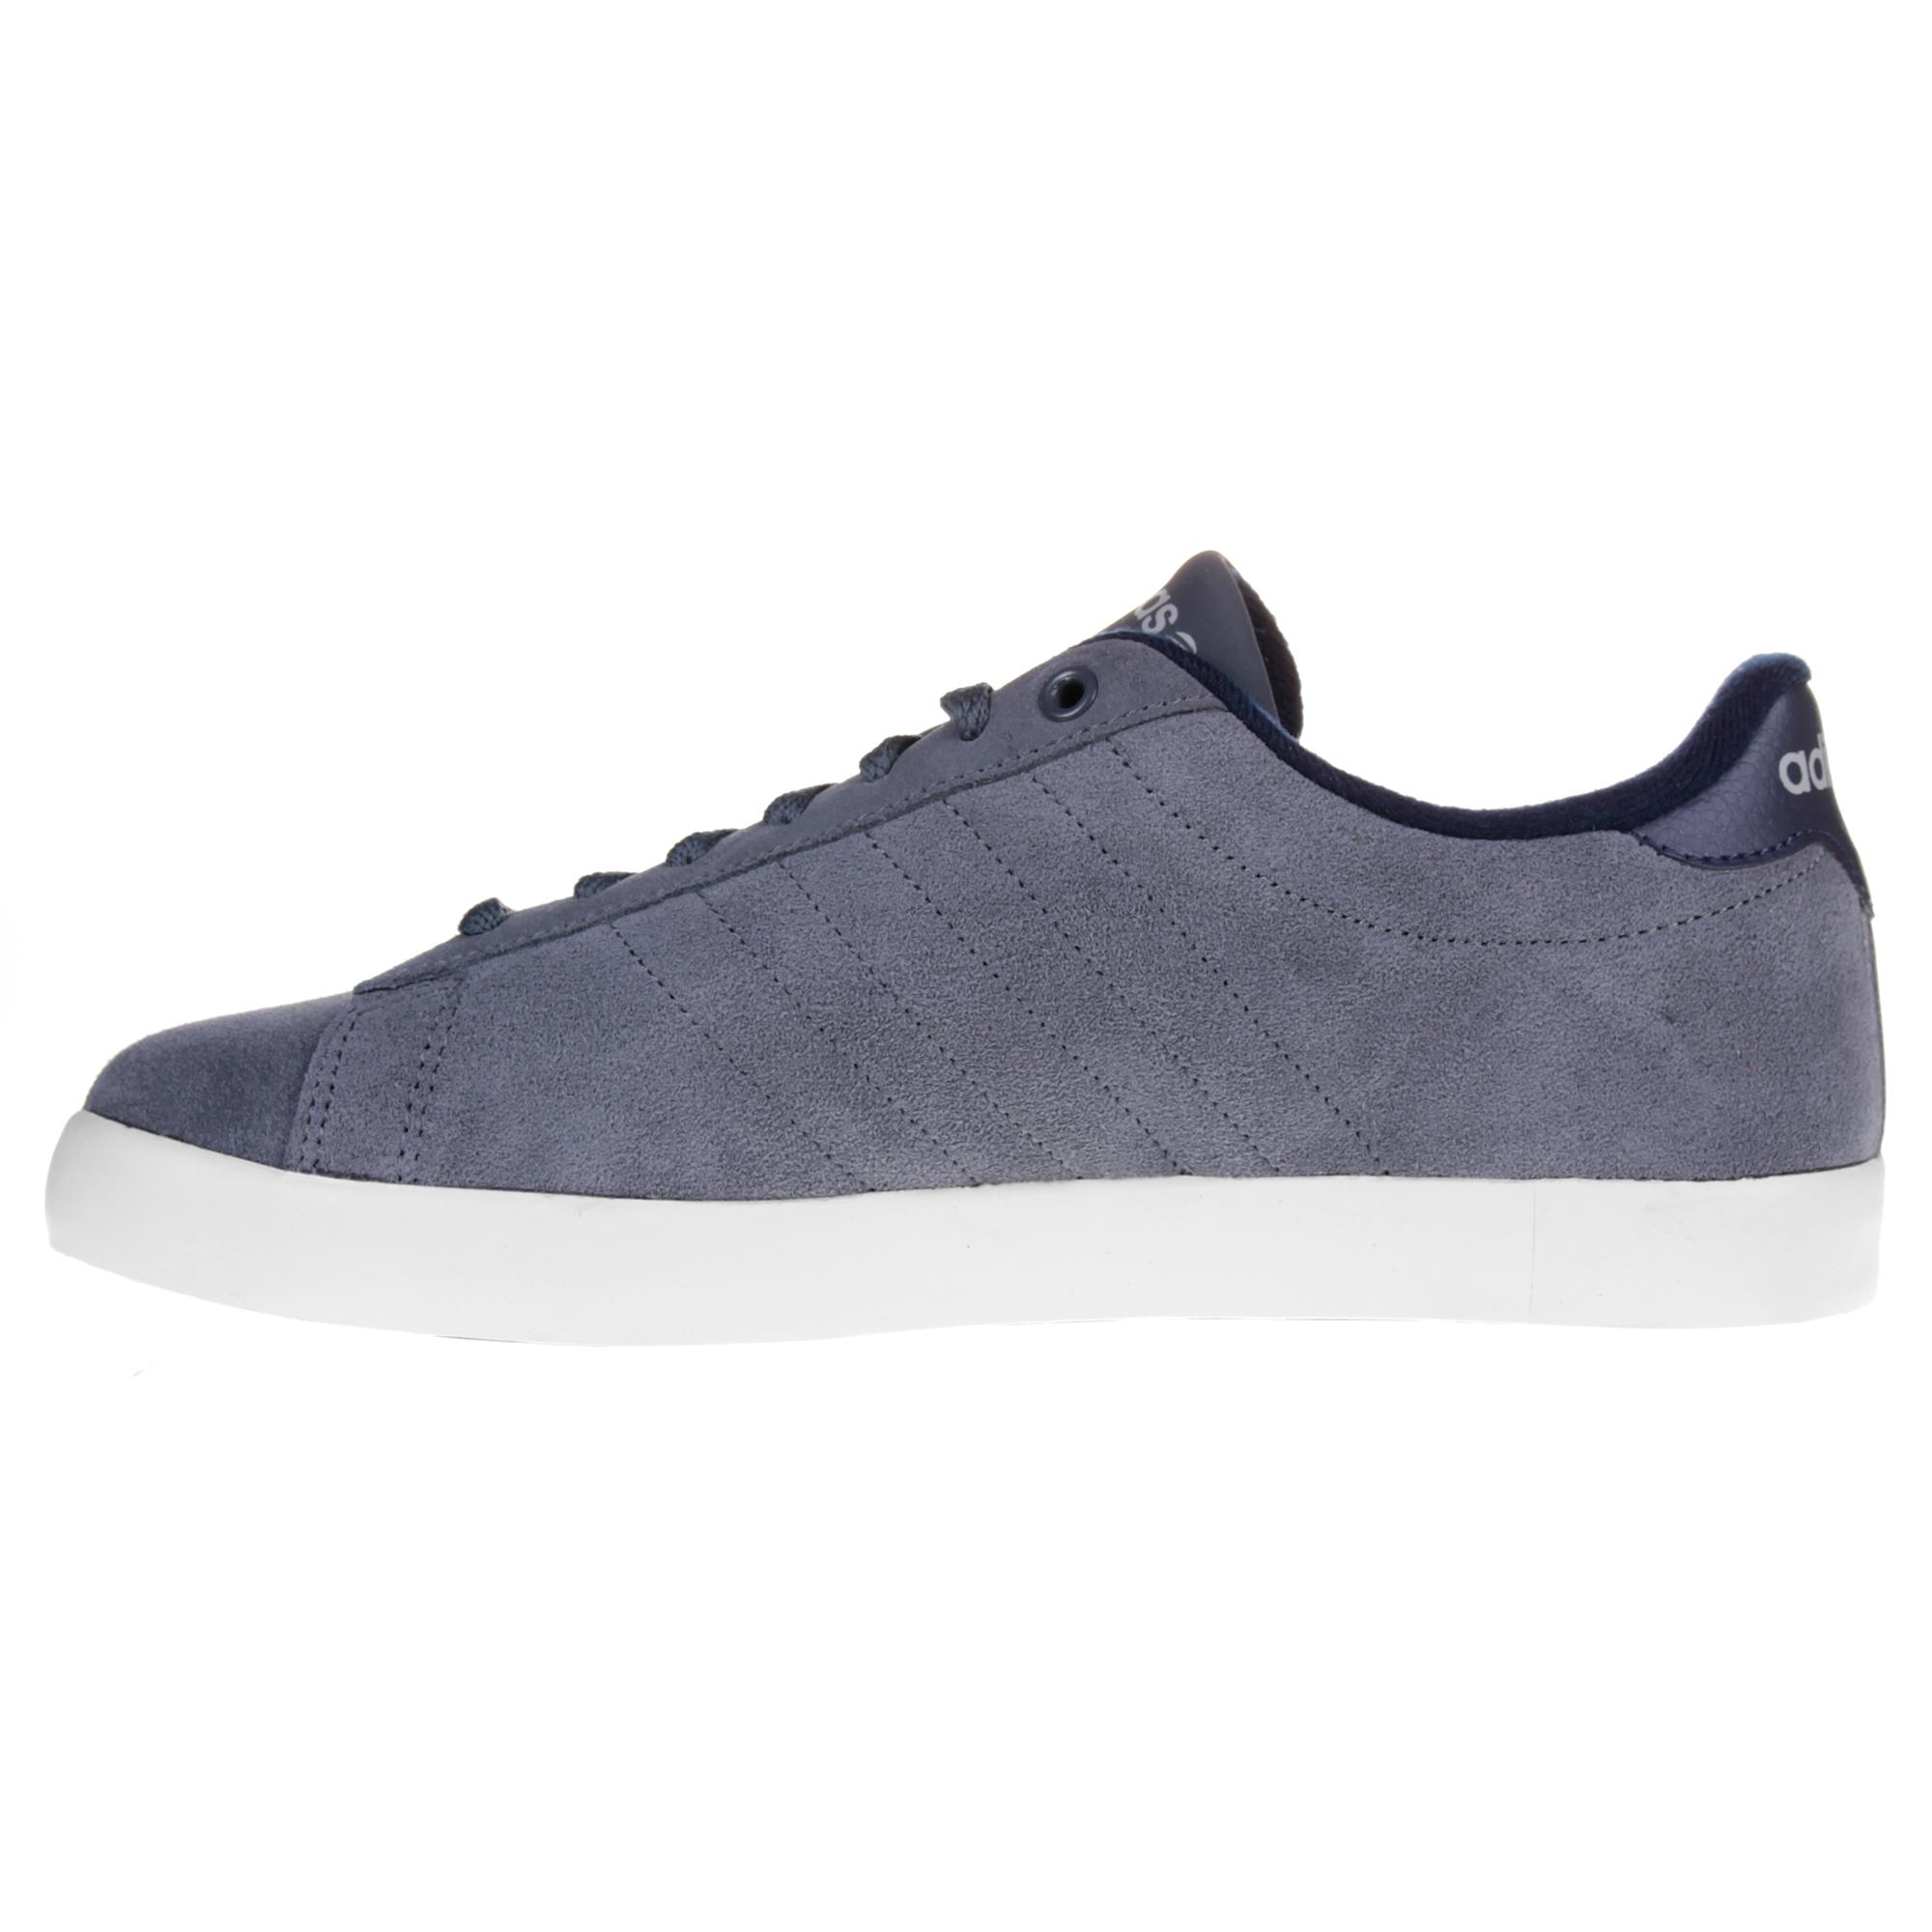 Adidas Neo Derby Grey